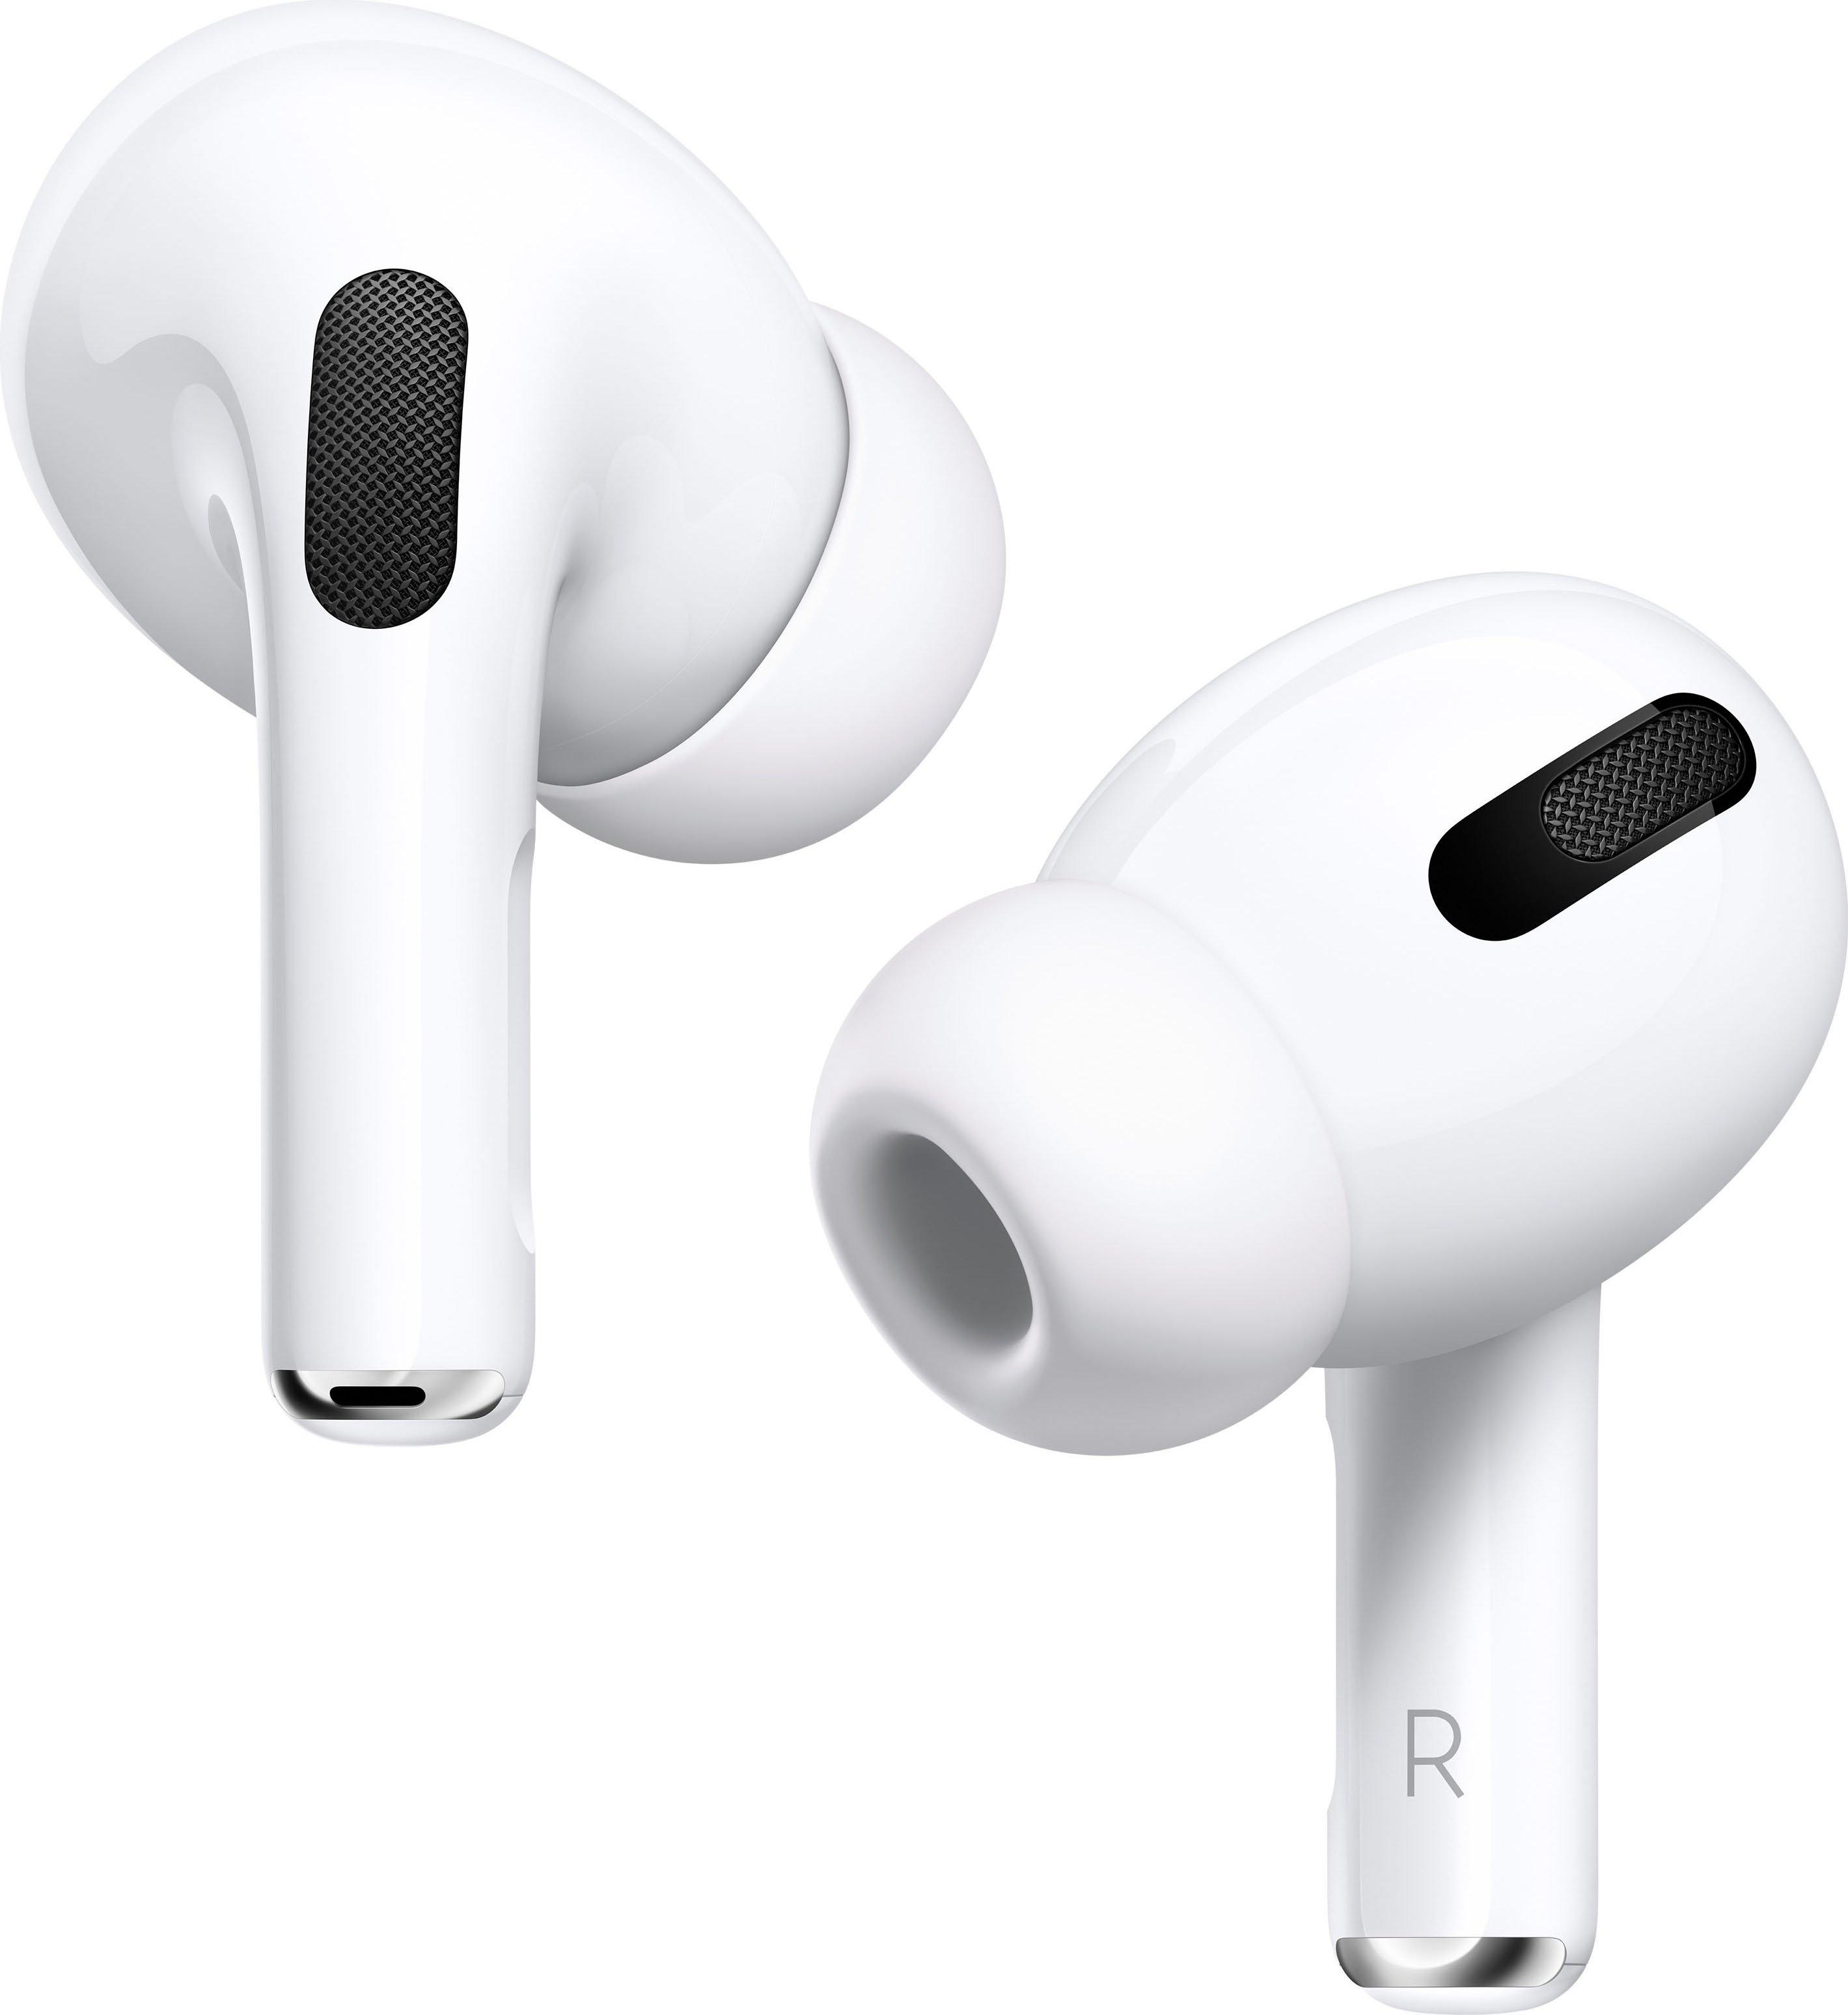 Apple in-ear-hoofdtelefoon AirPods Pro met Wireless Case / MWP22ZM/A compatibel met iphone, iphone xr, iphone mini, ipad air, ipad mini, ipad pro, watch se, series 6, series 5, series 4, series 3, mac mini, imac veilig op otto.nl kopen